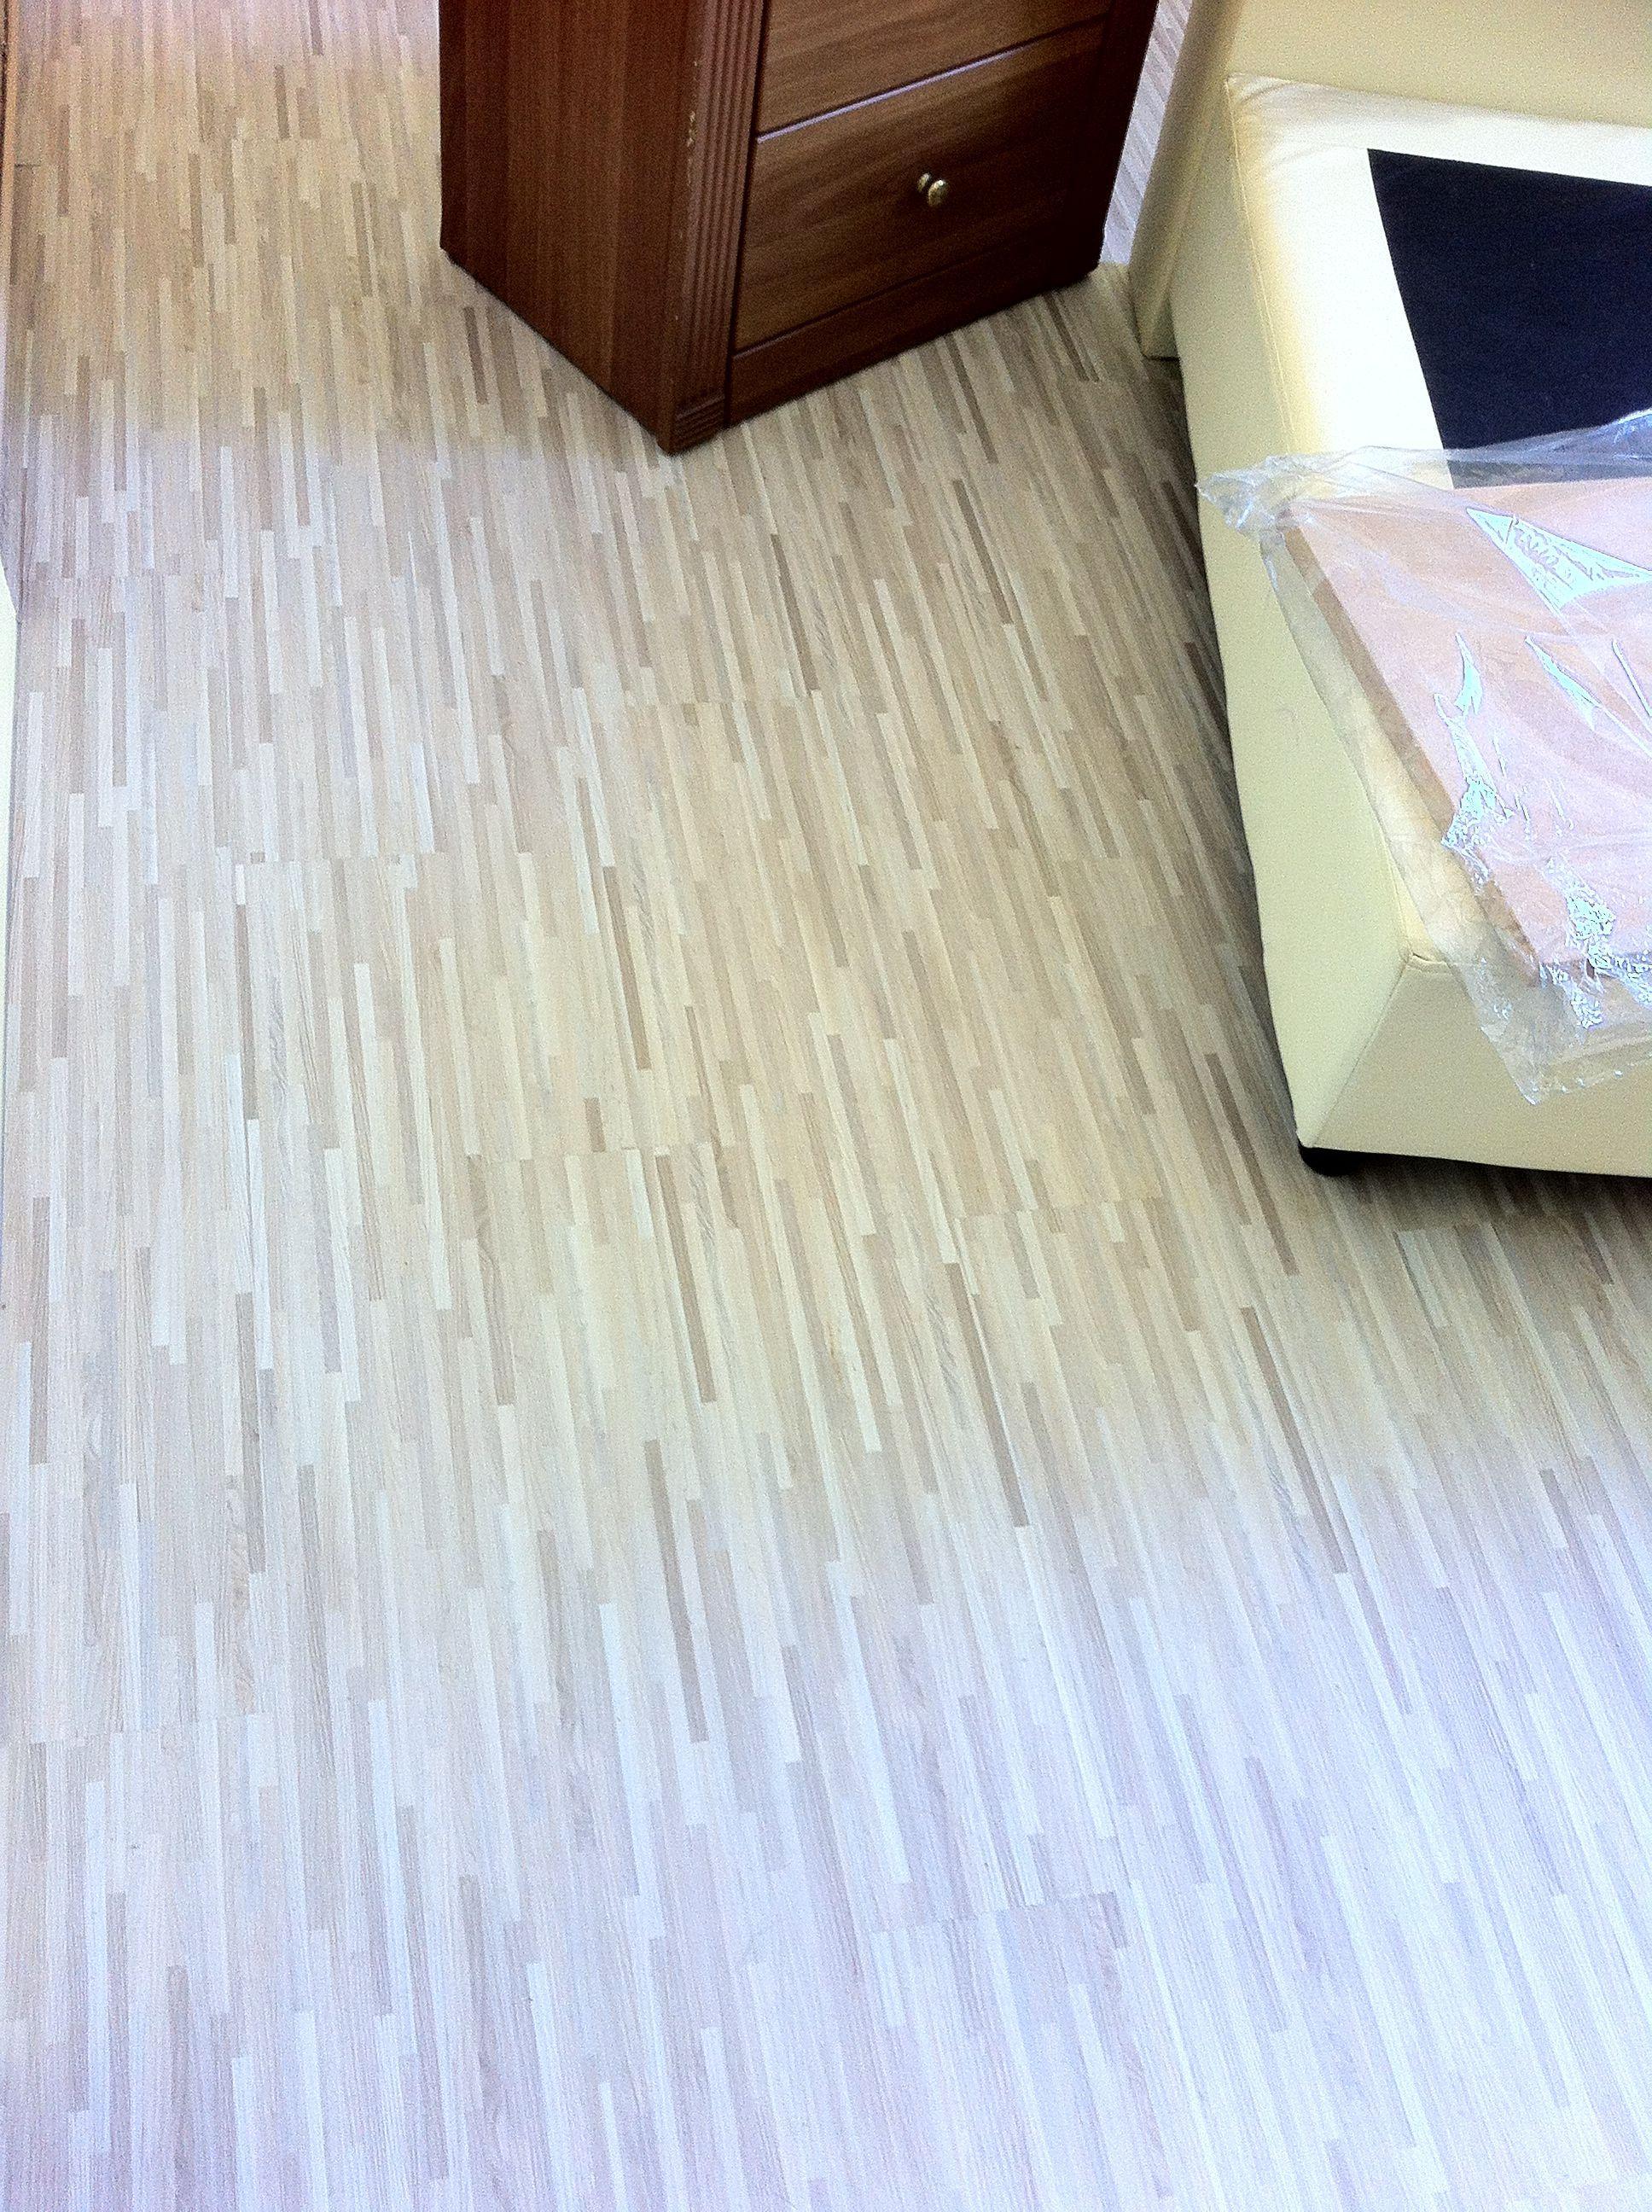 Vinyl Laminated Flooring Made Of 100